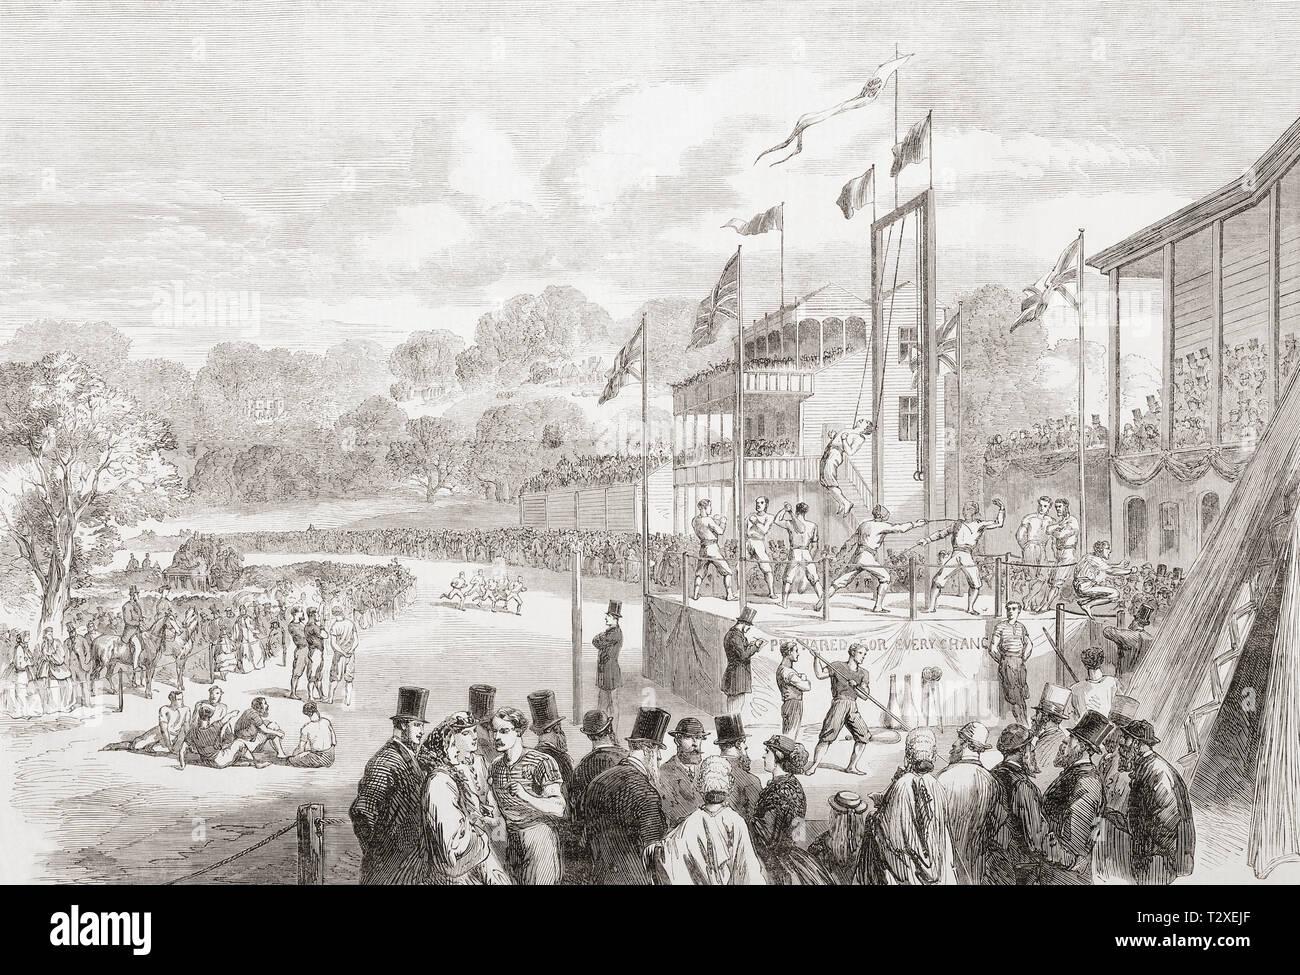 El Festival atlético Manchester anual celebrada en el Hipódromo de Manchester, 1865. Desde el Illustrated London News, publicada el año 1865. Imagen De Stock